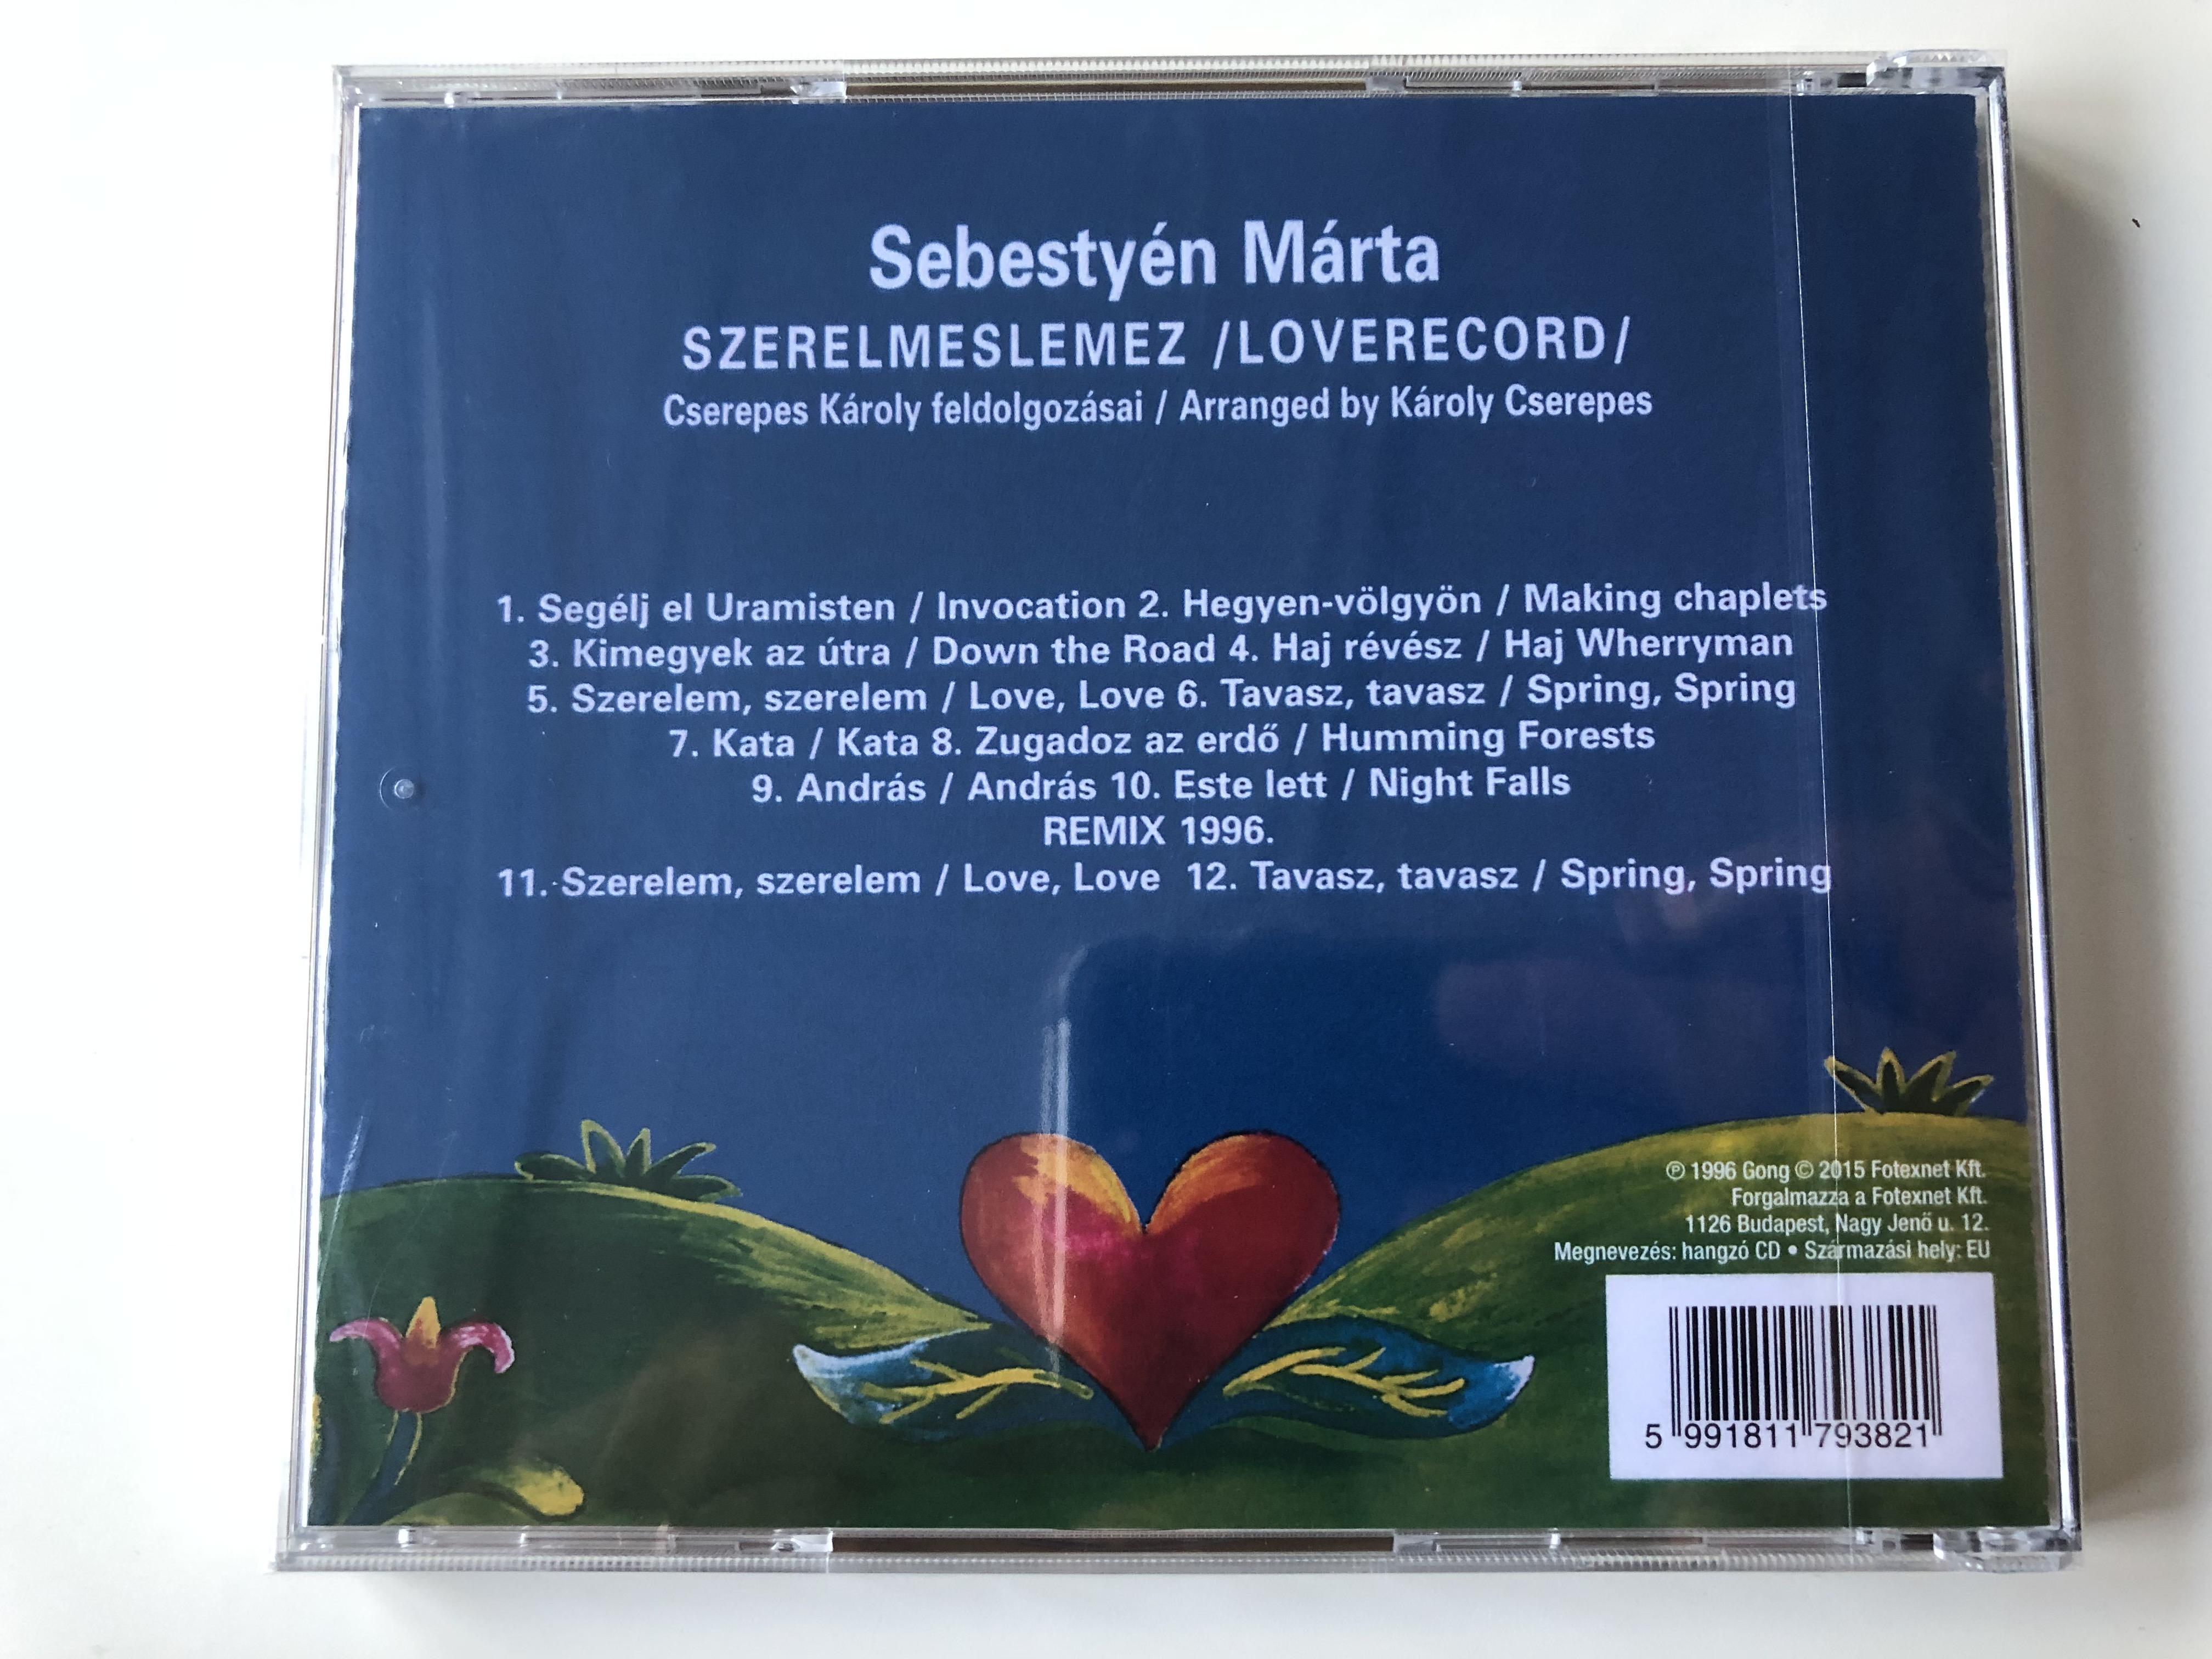 sebesty-n-m-rta-szerelmeslemez-loverecord-arranged-by-karoly-cserepes-szerelem-szerelem-tavasz-tavasz-remix-96-gong-audio-cd-1996-5991811793821-2-.jpg